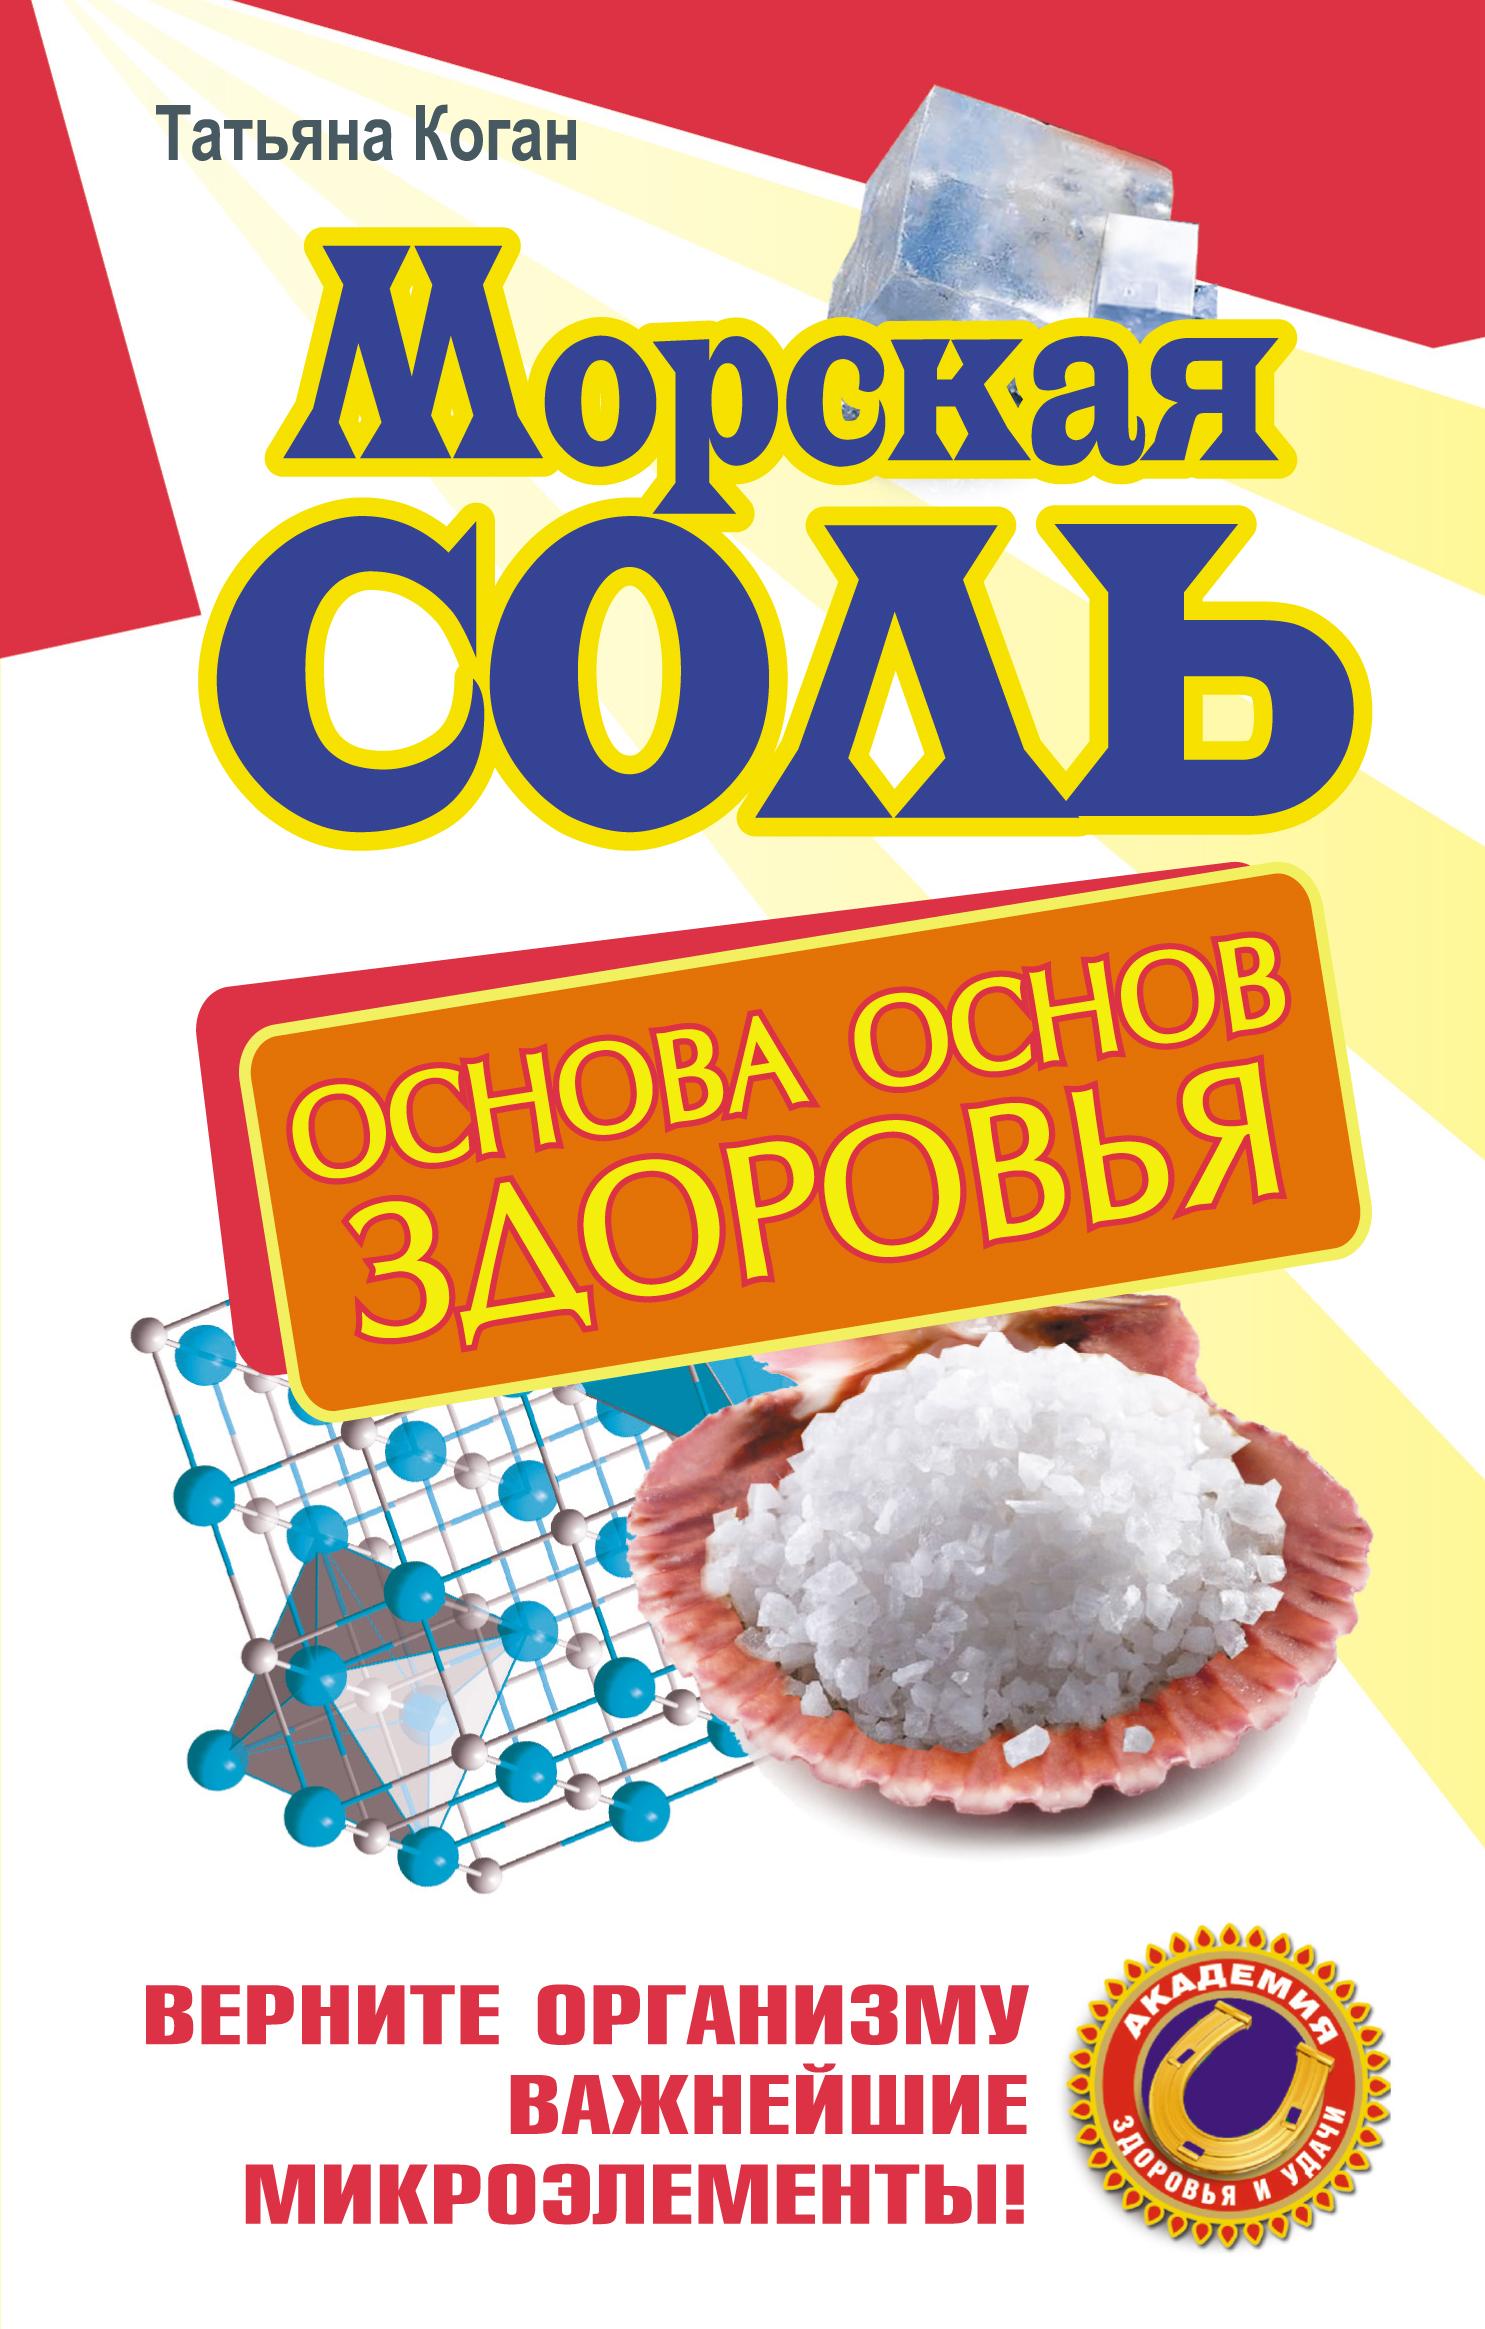 Морская соль. Основа основ здоровья. Верните организму важнейшие микроэлементы от book24.ru